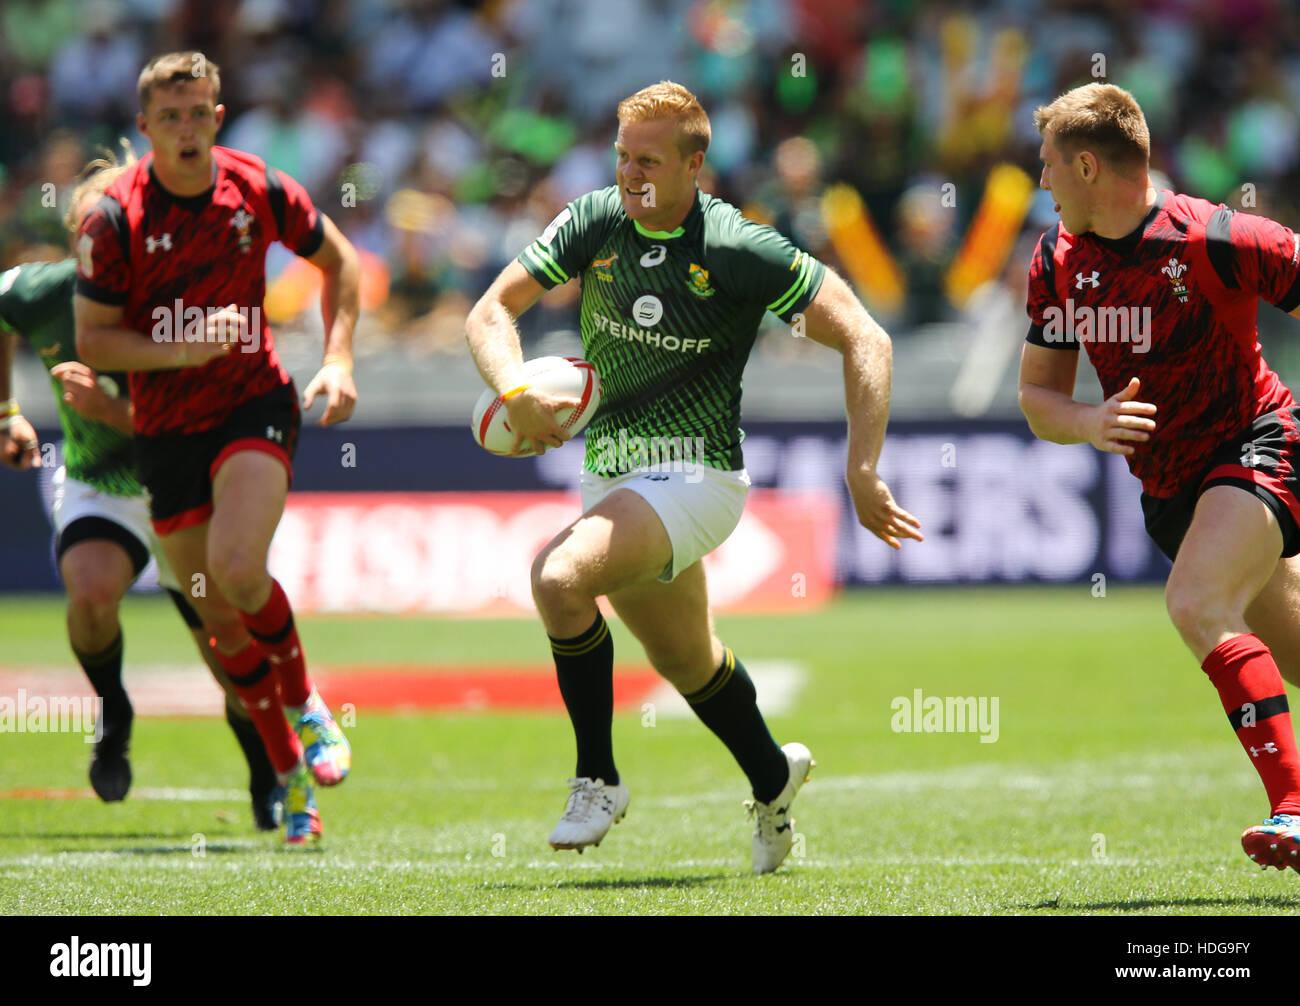 El SA Rugby Sevens Springbok jugadores en acción durante el 2016 HSBC Sevens torneo en Ciudad del Cabo en el Estadio Green Point, Punto de Cape Town. Foto de stock